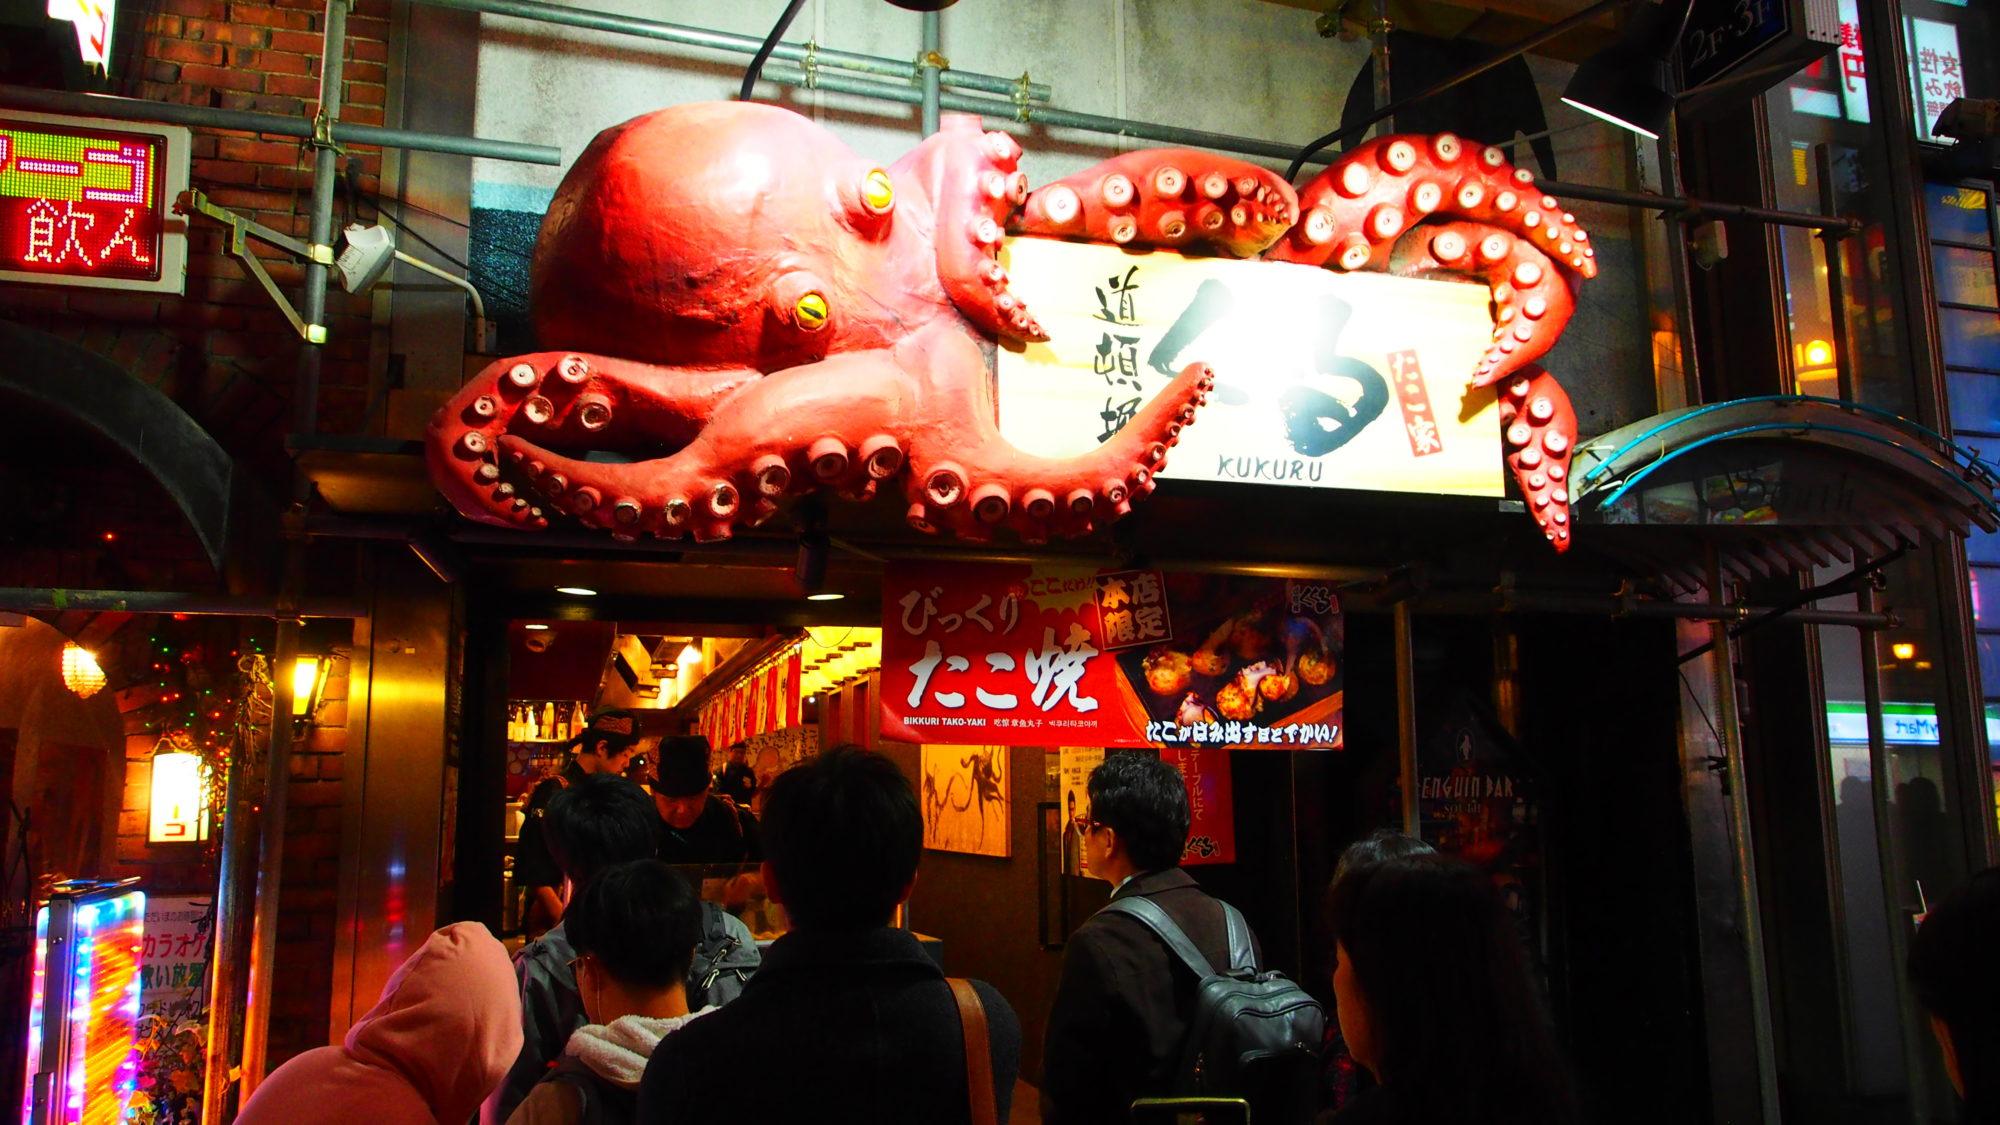 Такояки — популярное японское блюдо, шарики из жидкого теста с начинкой из отварного осьминога и других ингредиентов.